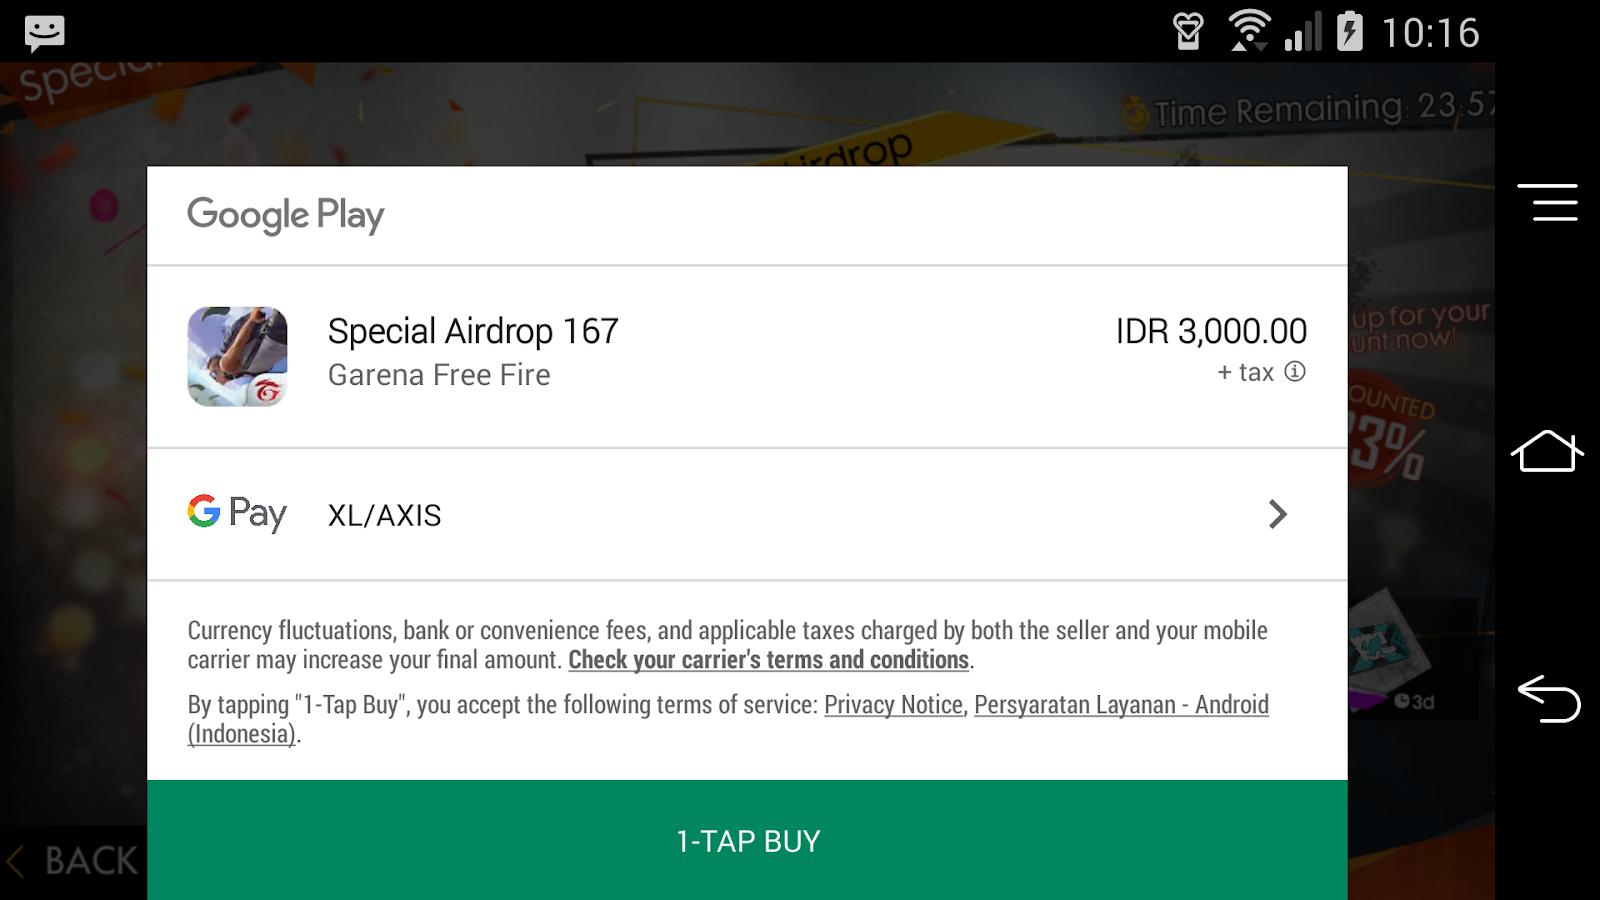 Bahas Lengkap Dapat Special Air Drop 3000 Free Fire Jam 10 Pagi Retuwit